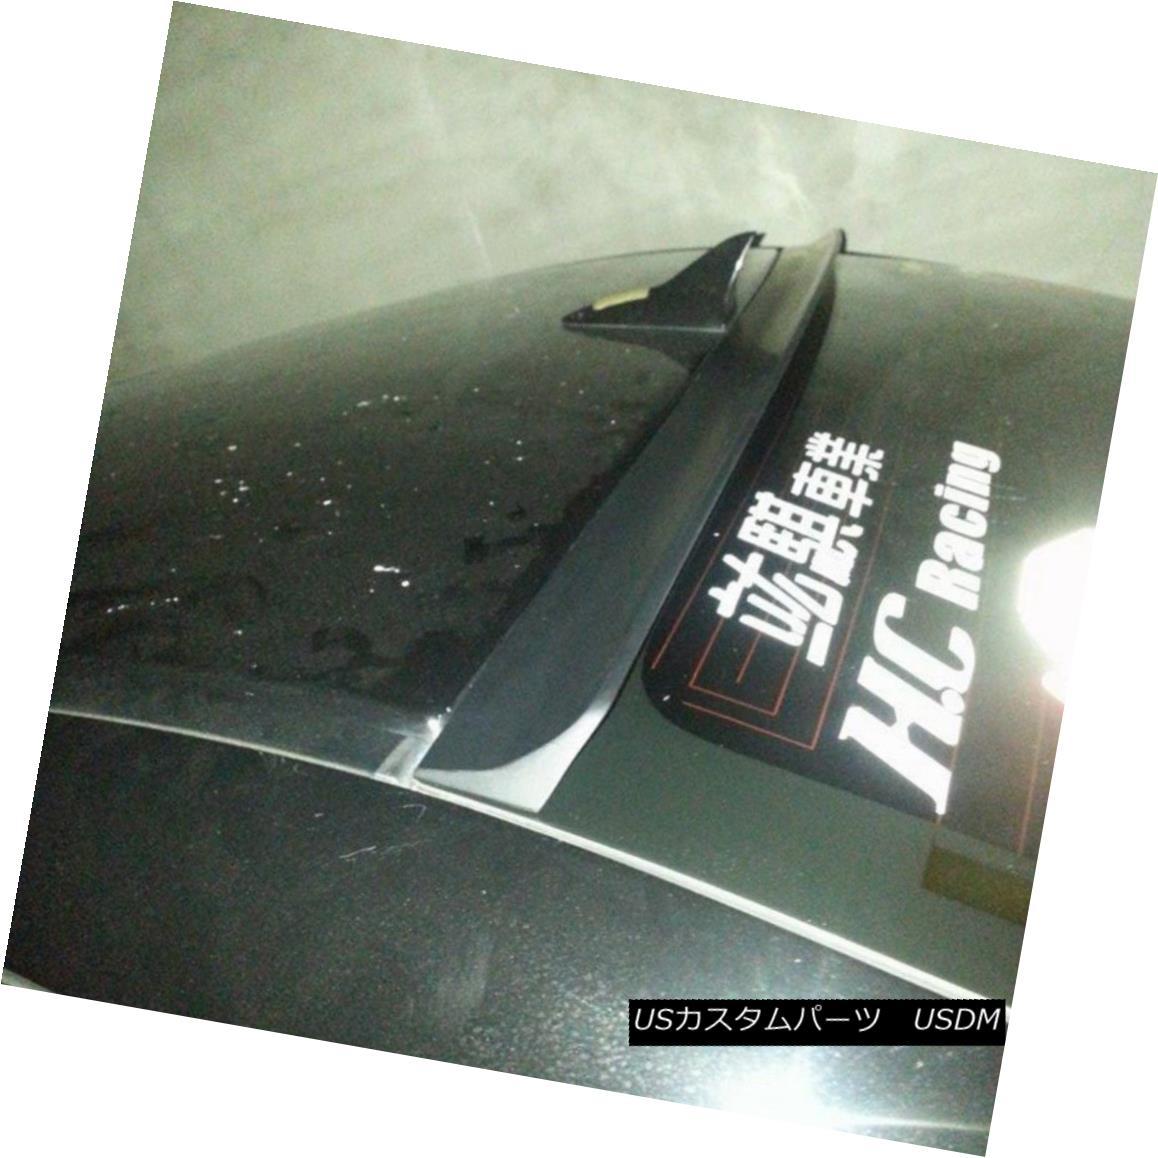 エアロパーツ Flat Black L Type Rear Window Roof Spoiler Wing For Acura RLX 2014~16 Sedan New アキュラRLX 2014?16セダン用フラットブラックLタイプリアウインドルーフスポイラーウイング